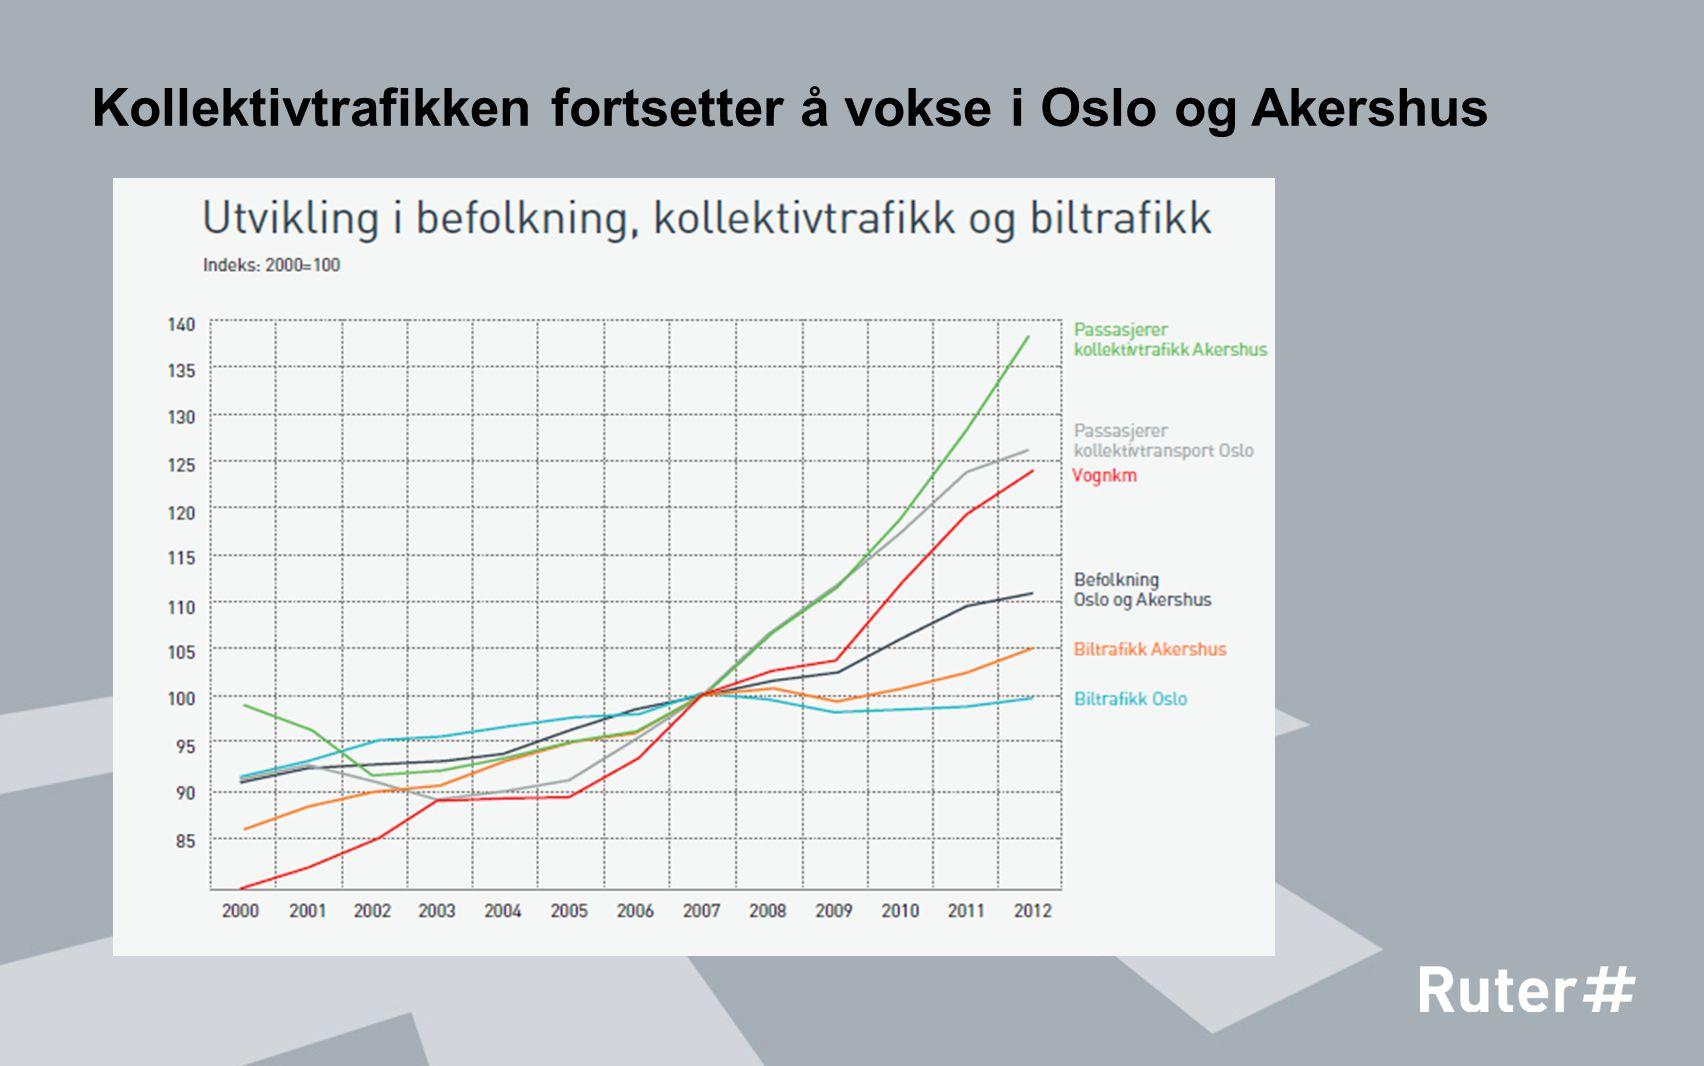 Kollektivtrafikken fortsetter å vokse i Oslo og Akershus